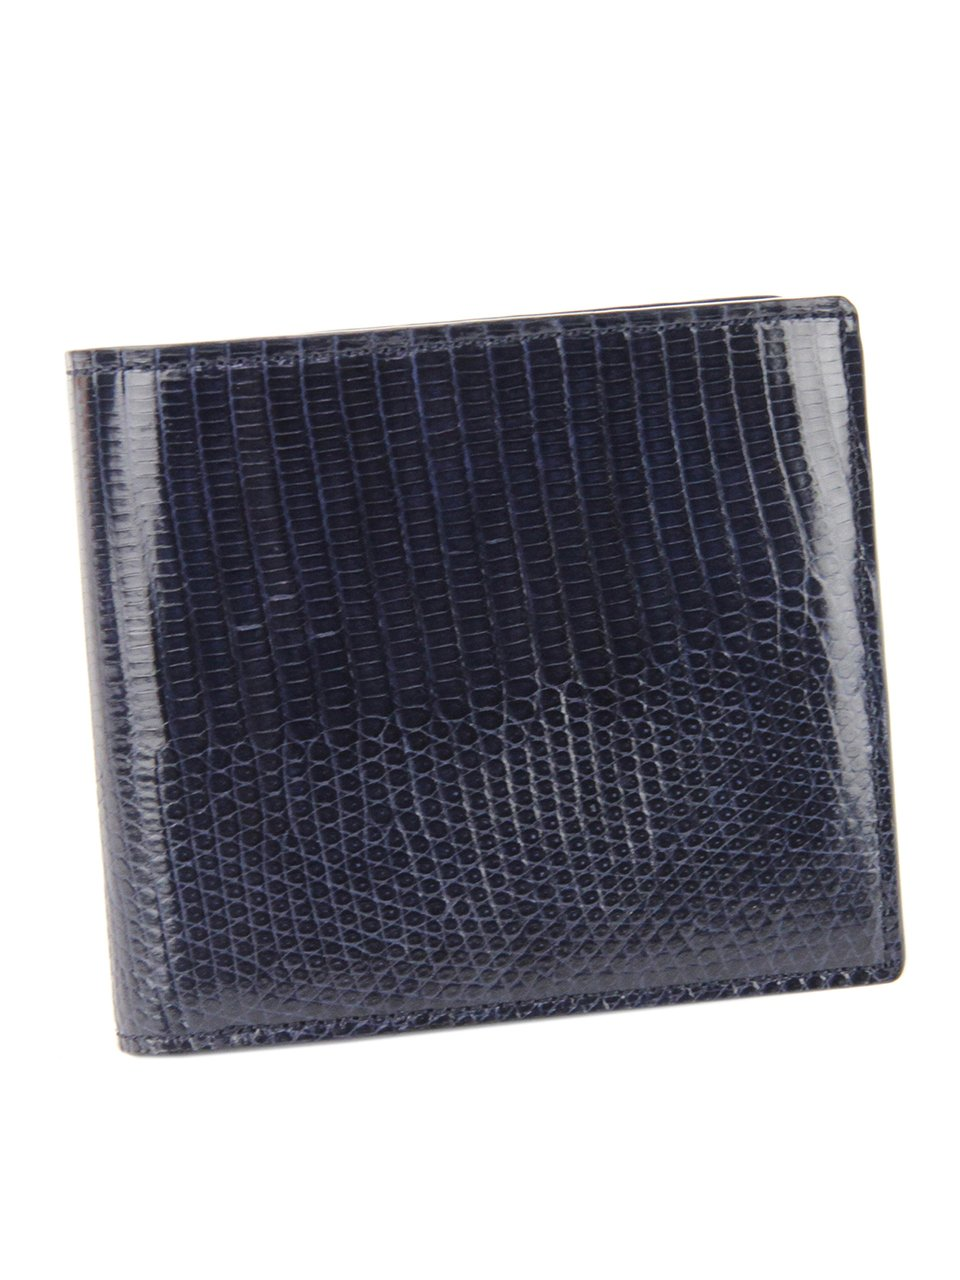 ペッレモルビダ 二つ折り財布 本革 バルカ リザードレザー メンズ LI004 B01N8T17SB ネイビー ネイビー